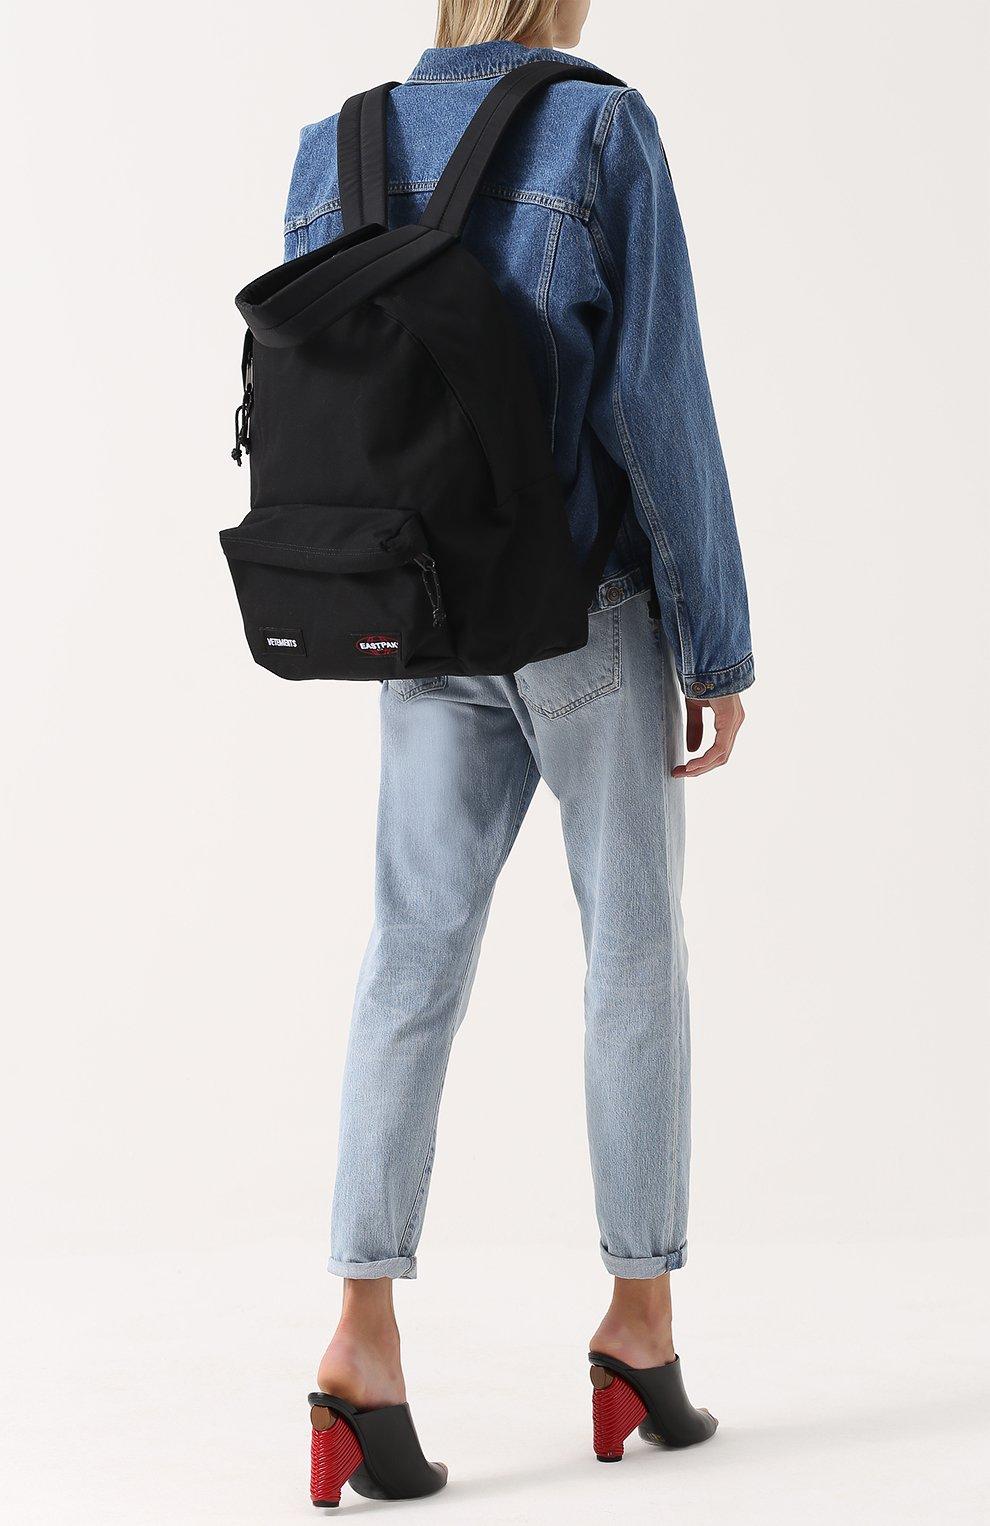 Текстильный рюкзак Vetements X Eastpack | Фото №2